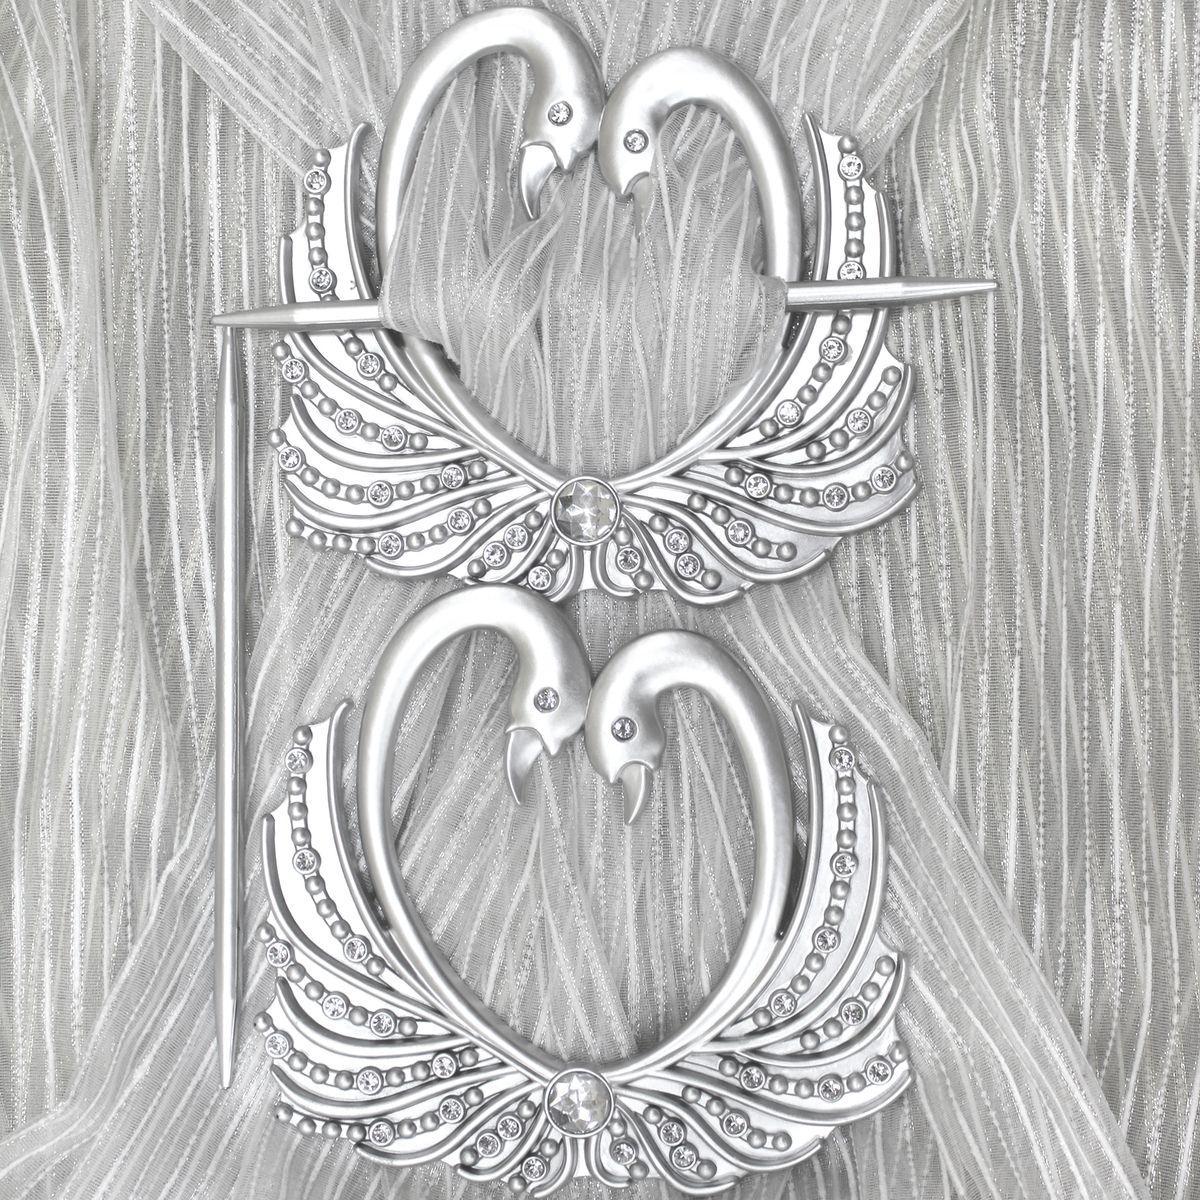 Заколка для штор TexRepublic Lebedi, цвет: серебристый, 2 шт. MI C8-179040Кольцо декоративное - красивая и стильная заколка, удерживающая шторы.